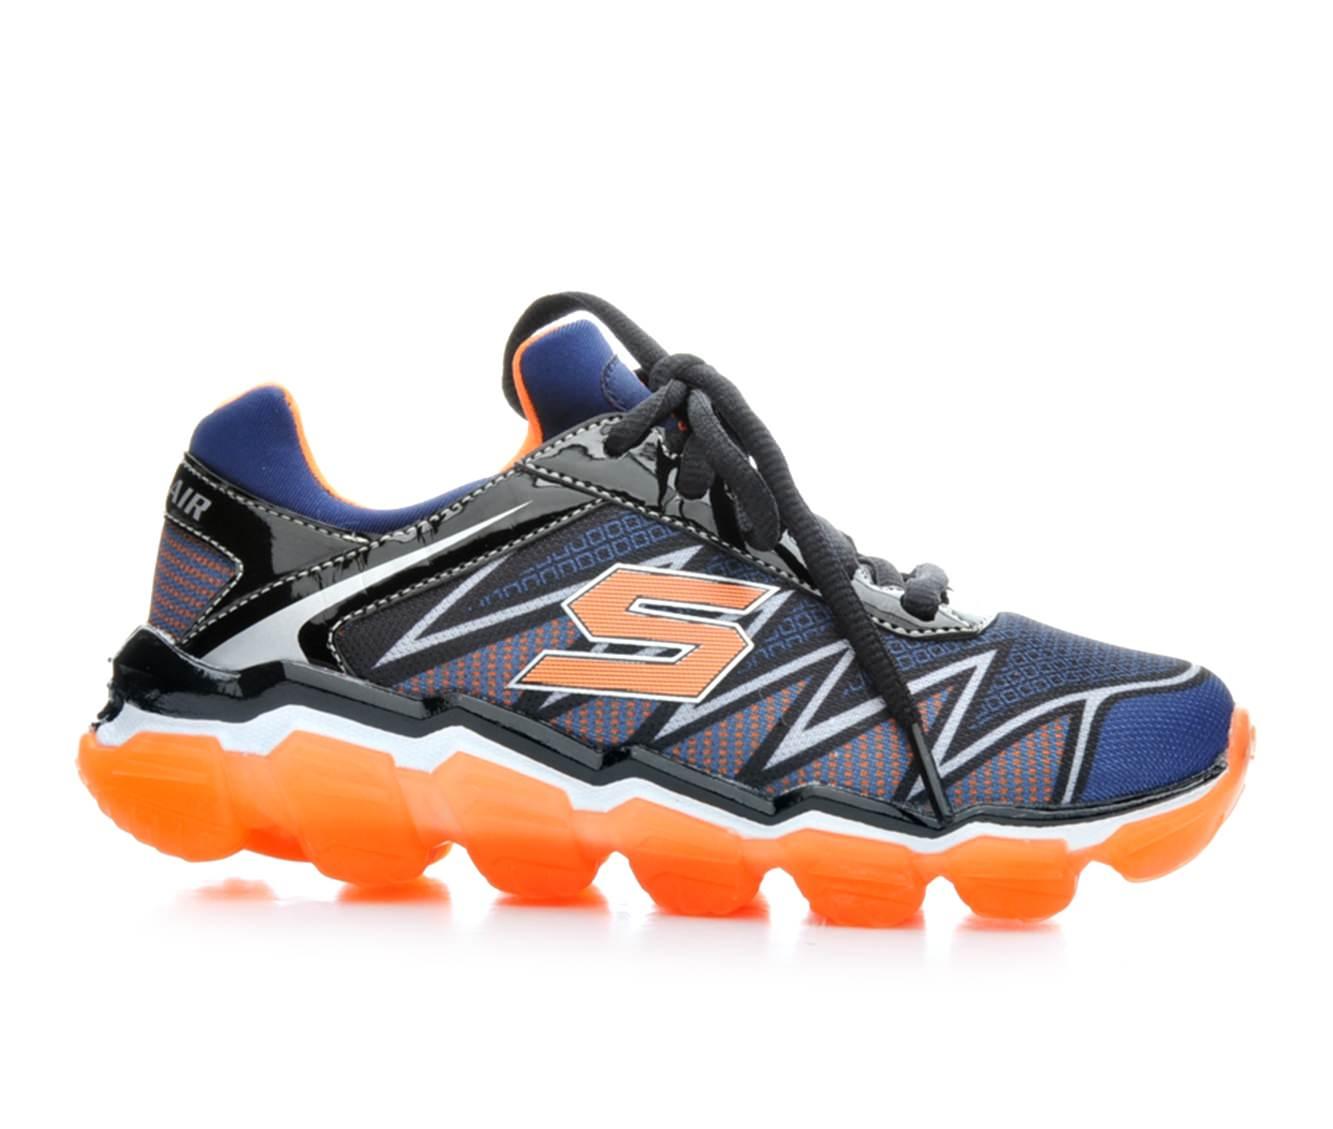 Boys' Skechers Skech Air Turbo Drift Running Shoes (Blue)